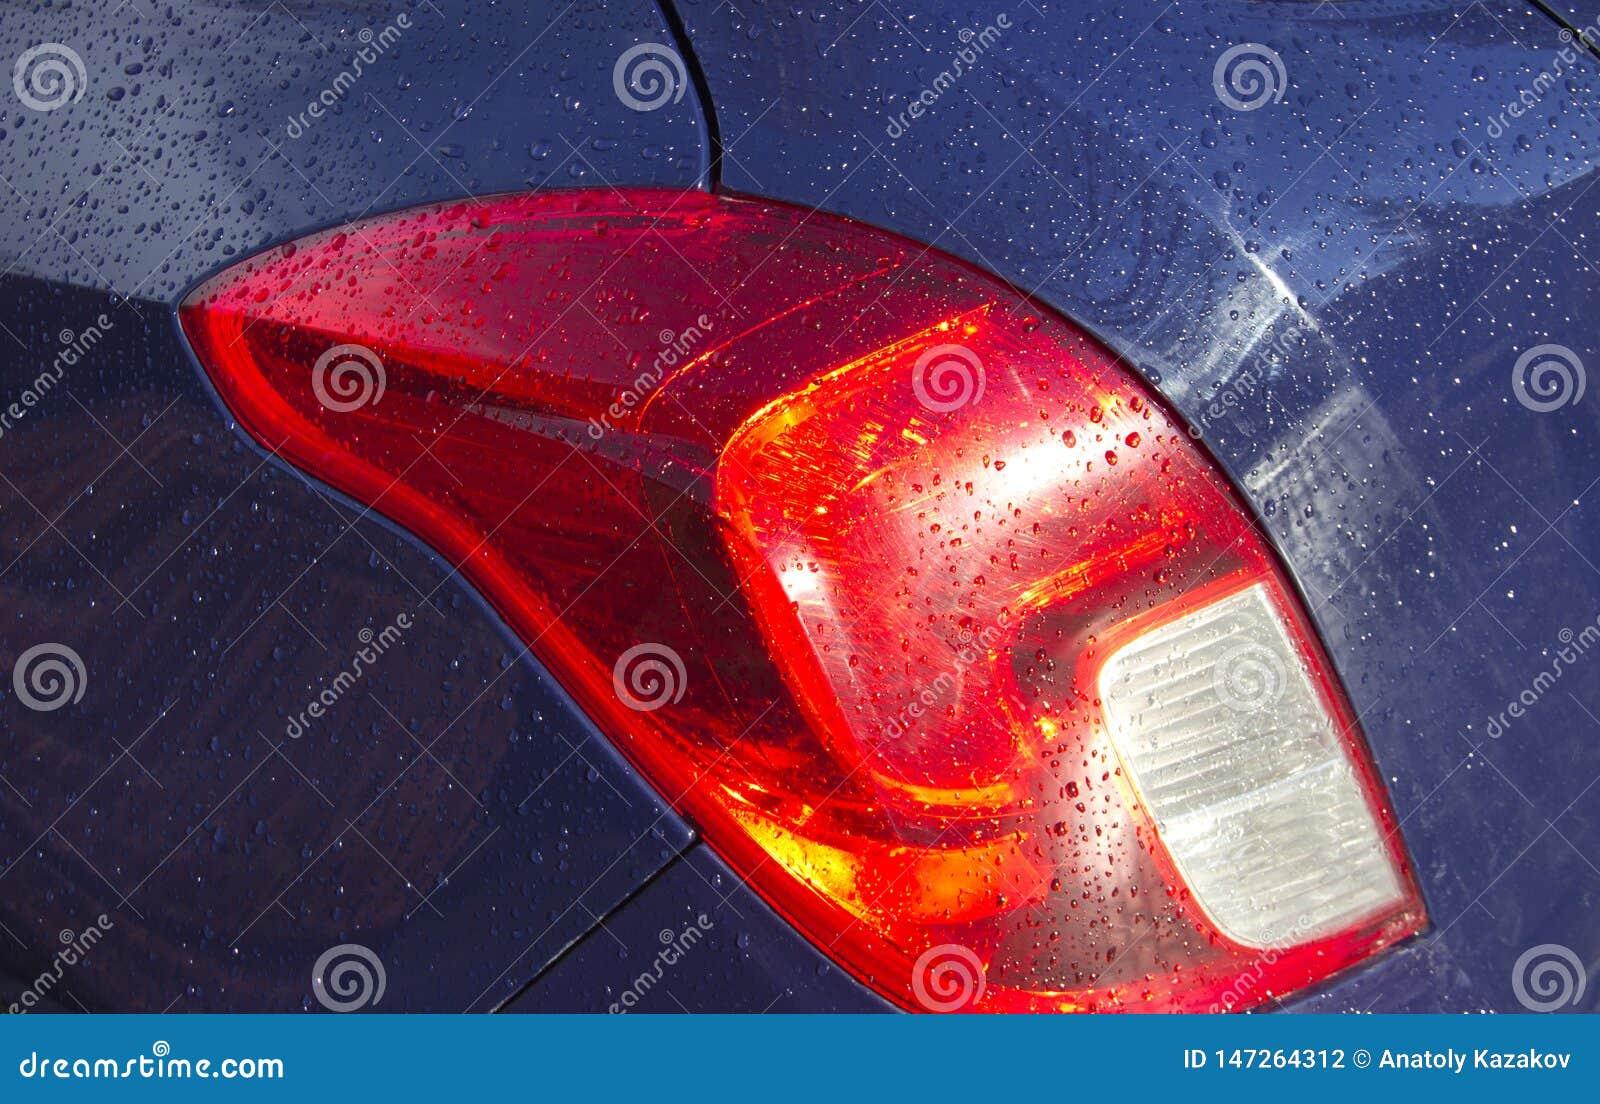 Πτώσεις του νερού στο σώμα αυτοκινήτων